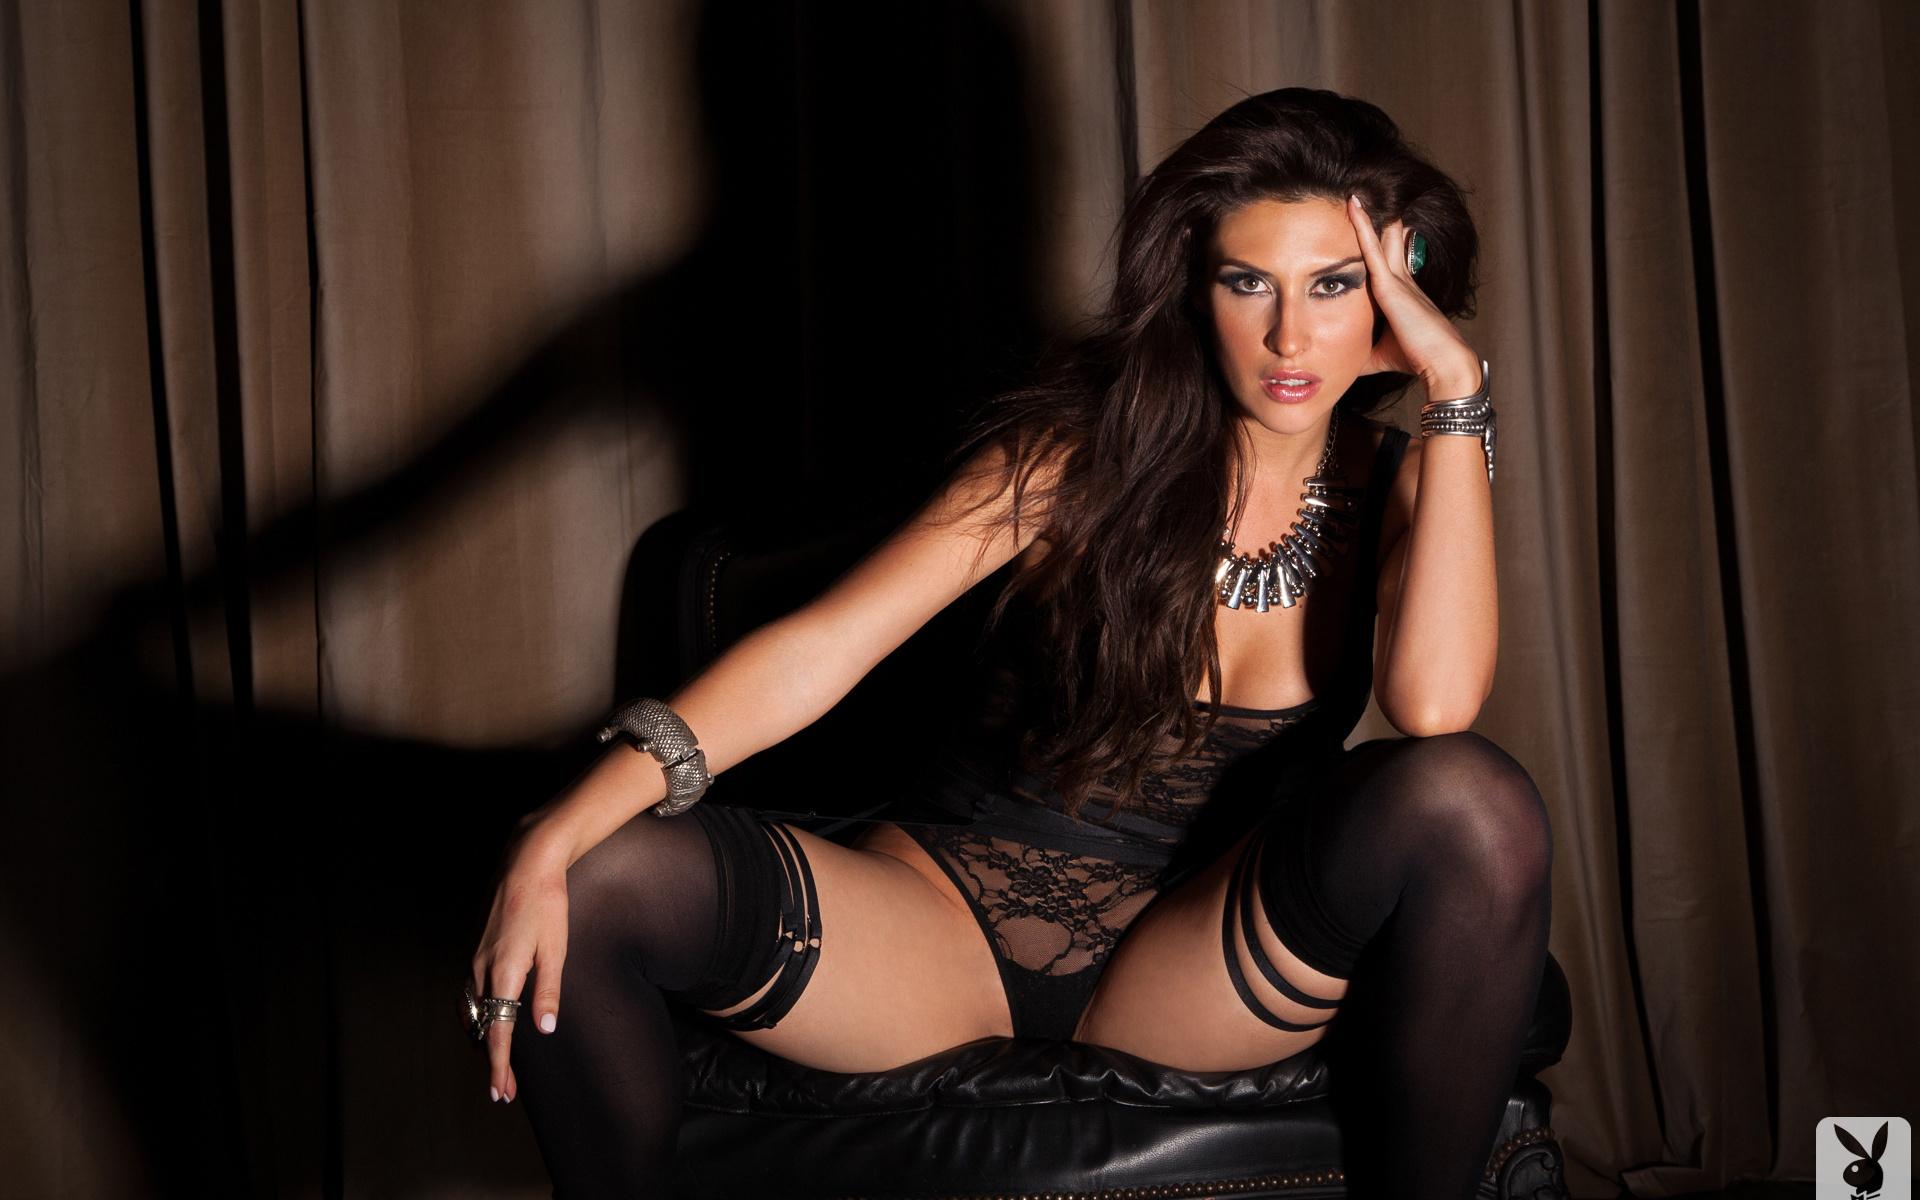 Порно ролики с большими сиськами, бесплатный онлайн секс с ...